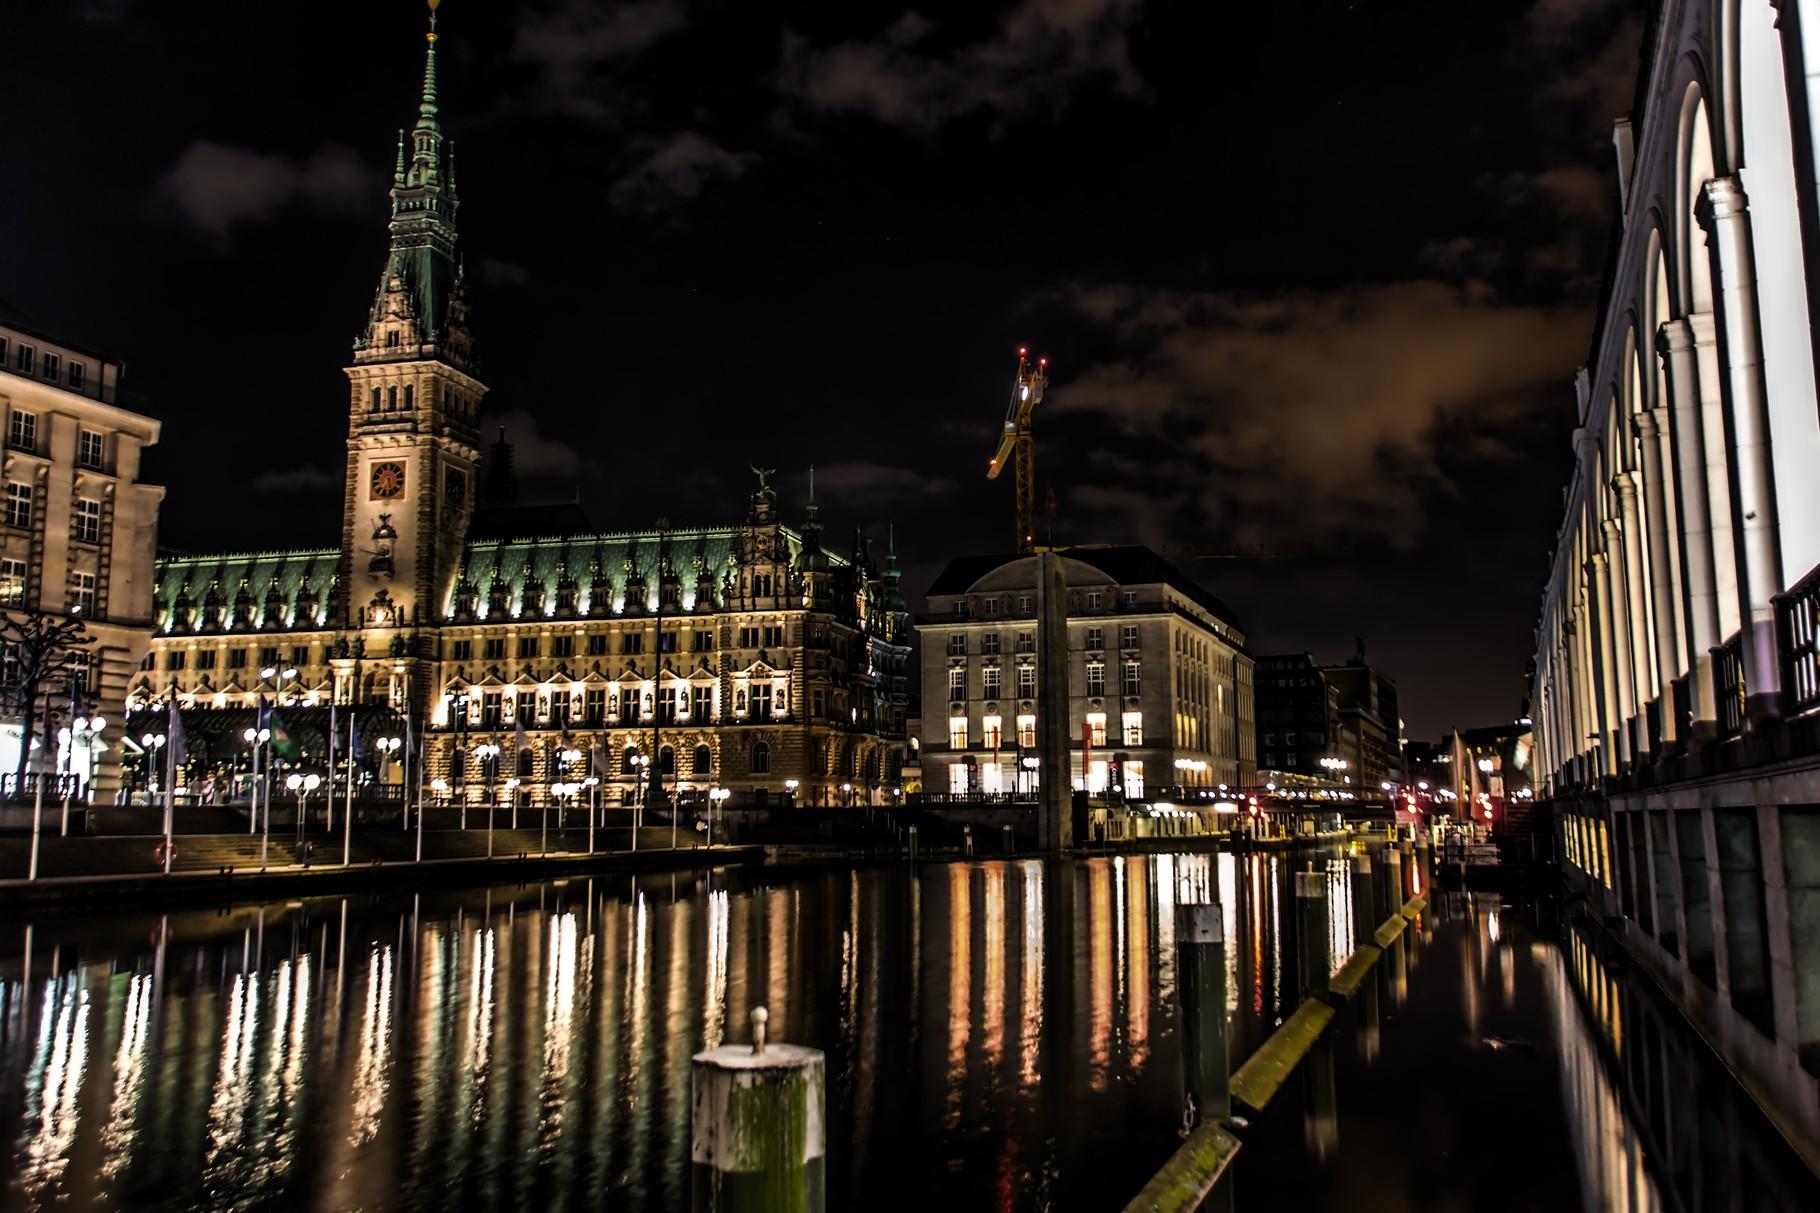 23_Hamburg - Rathaus.